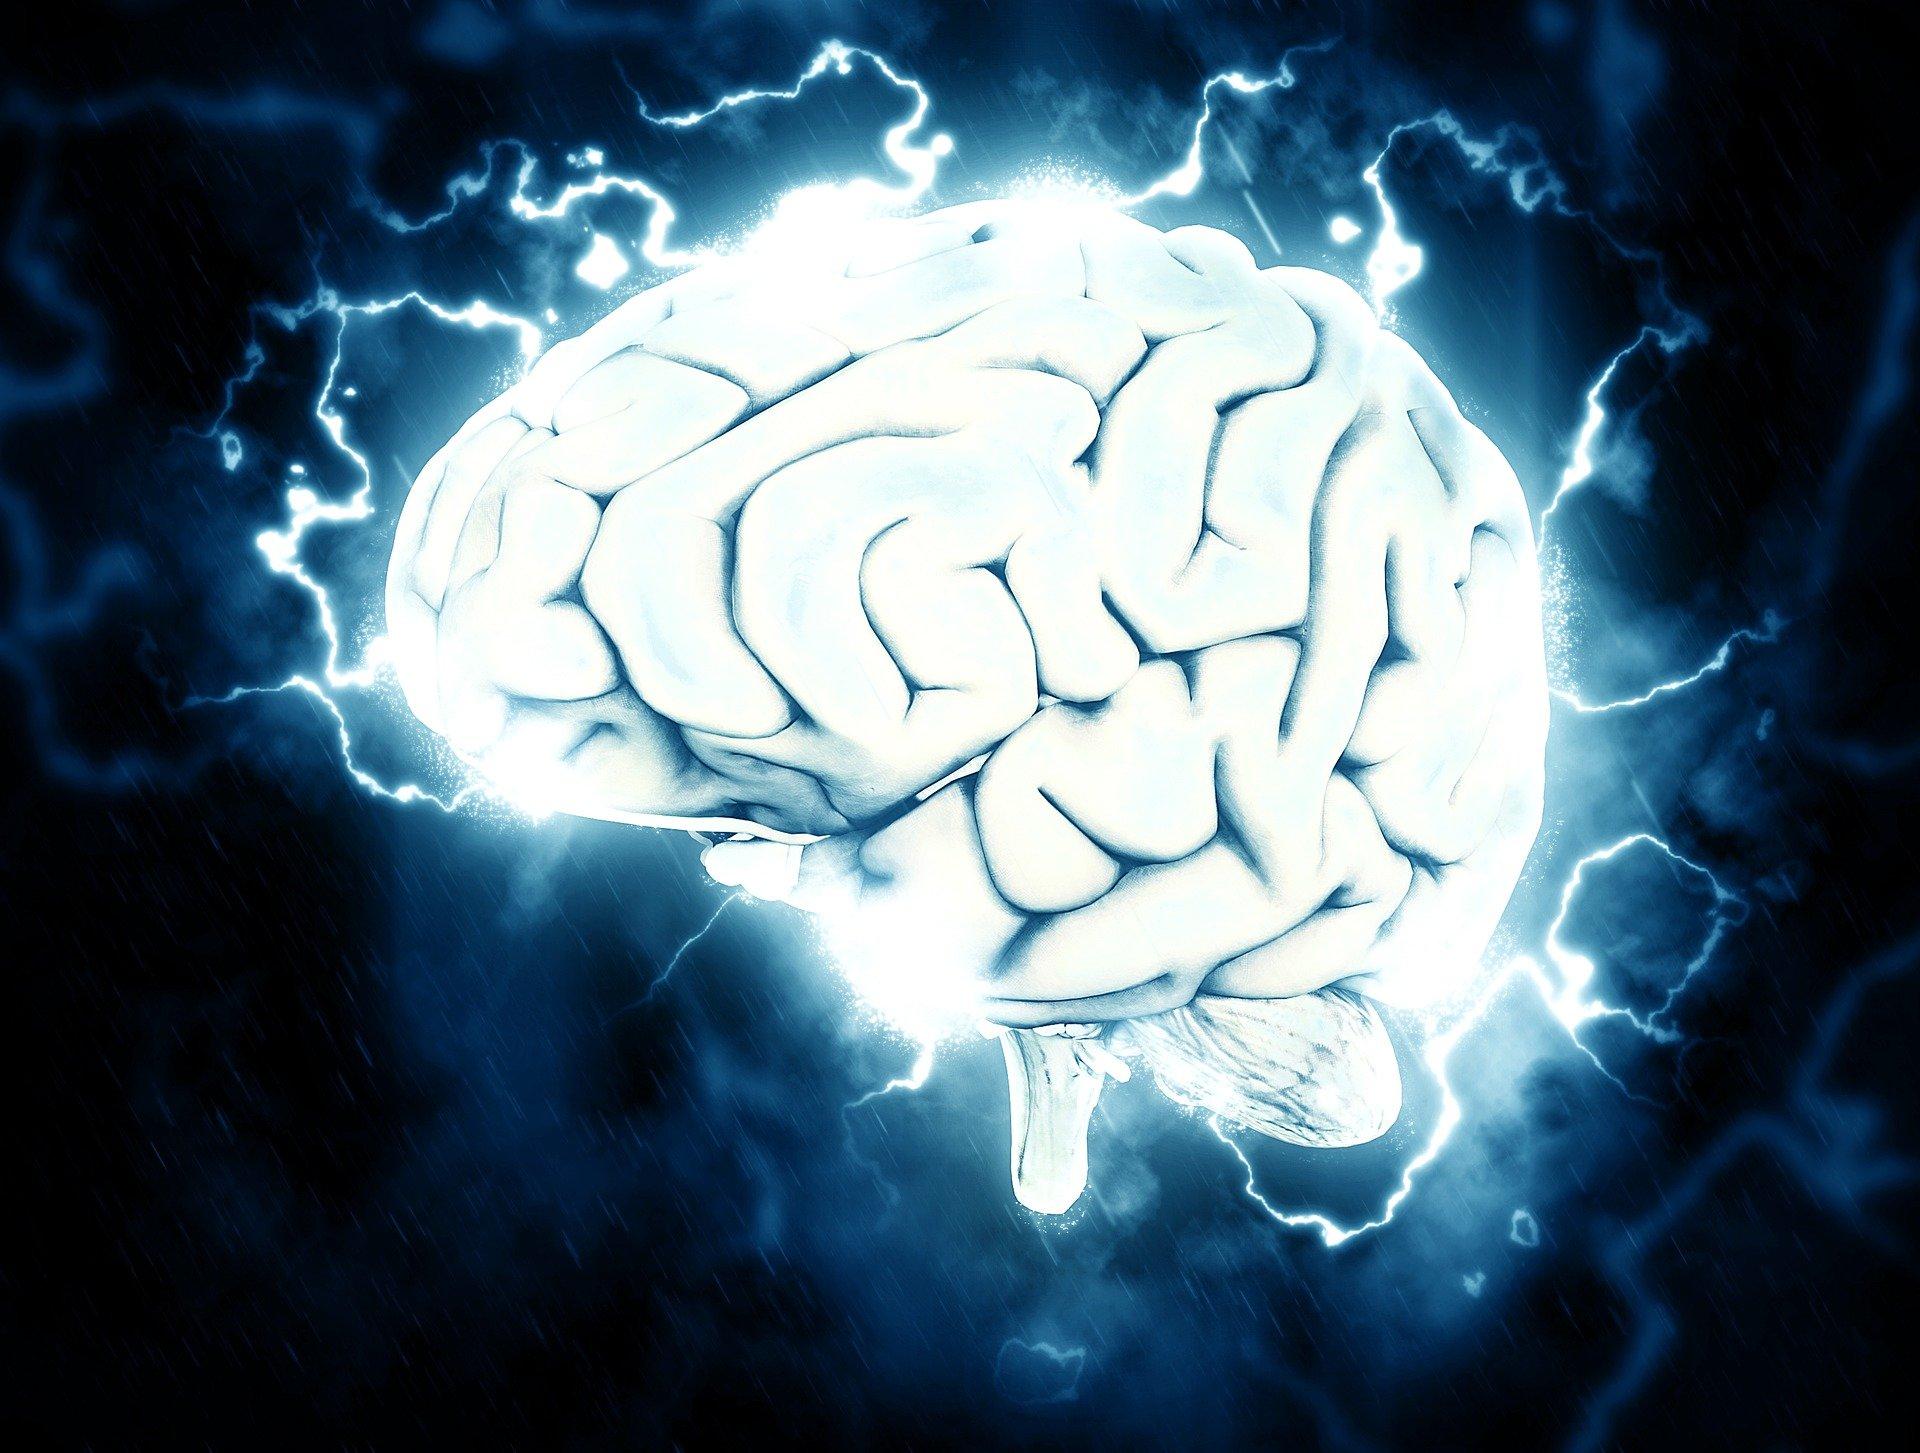 Migräne und Übelkeit ade